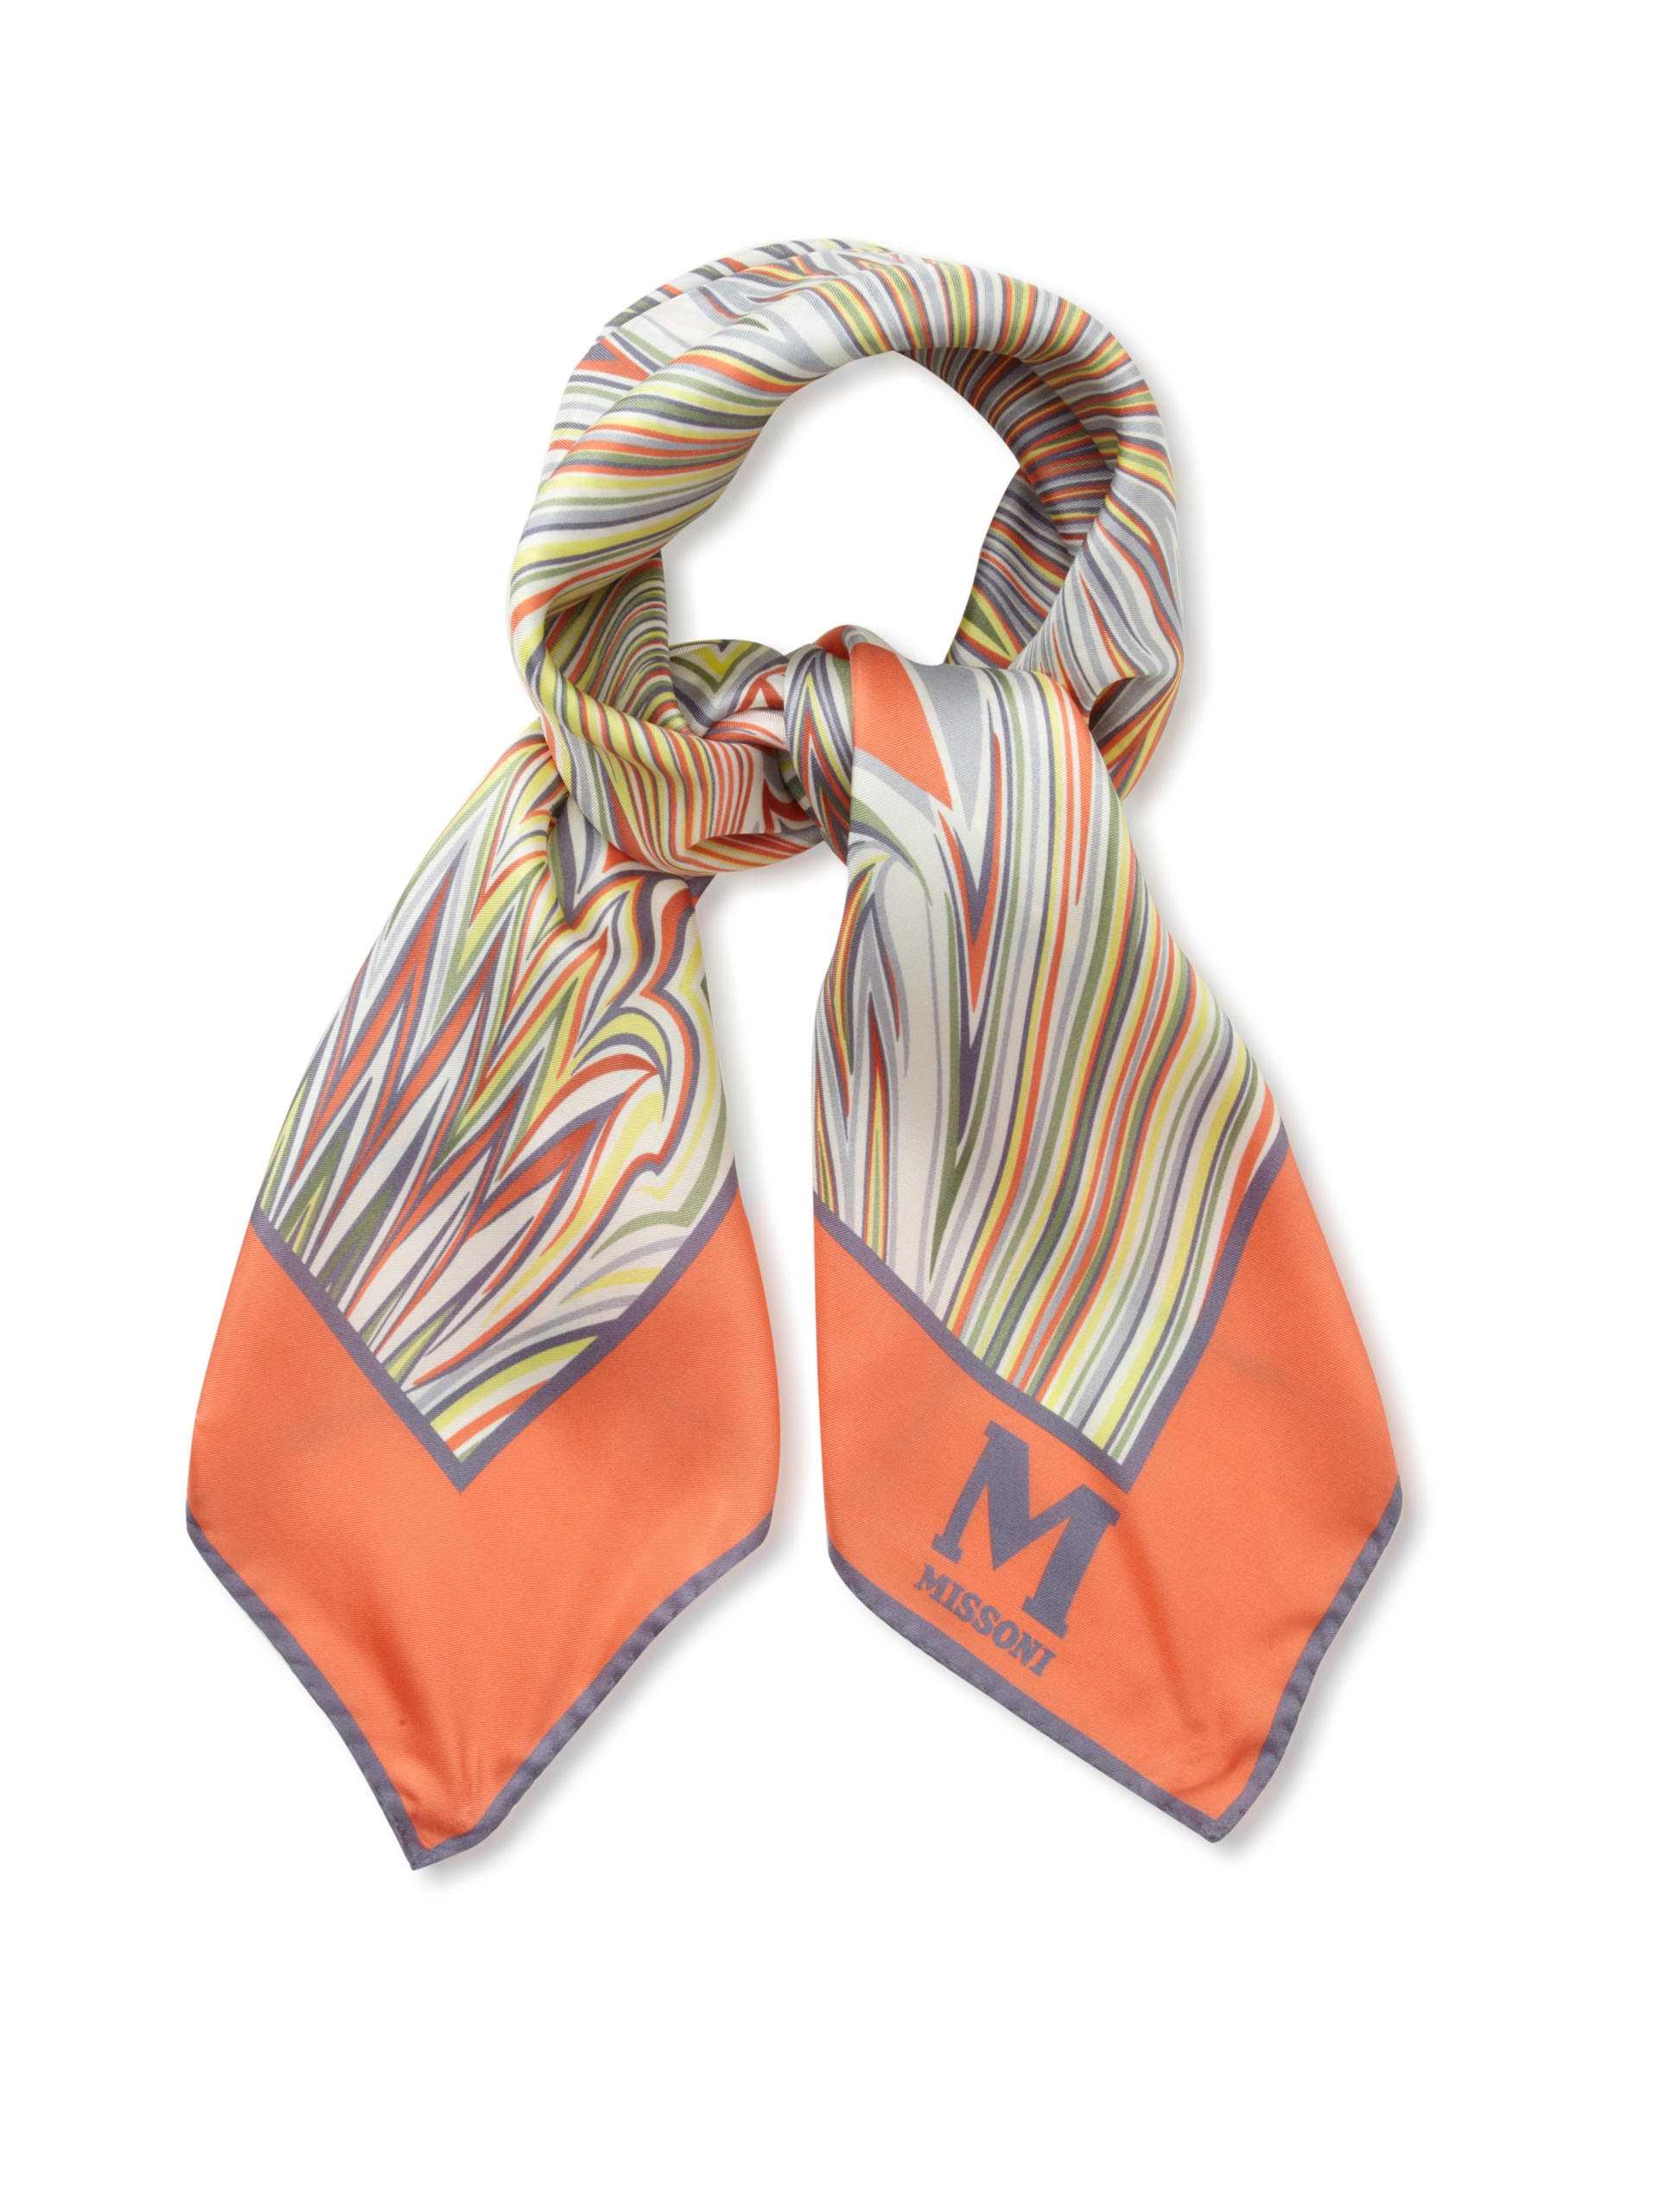 M Missoni Women's Printed Silk Scarf, Multicolored Orange, One Size